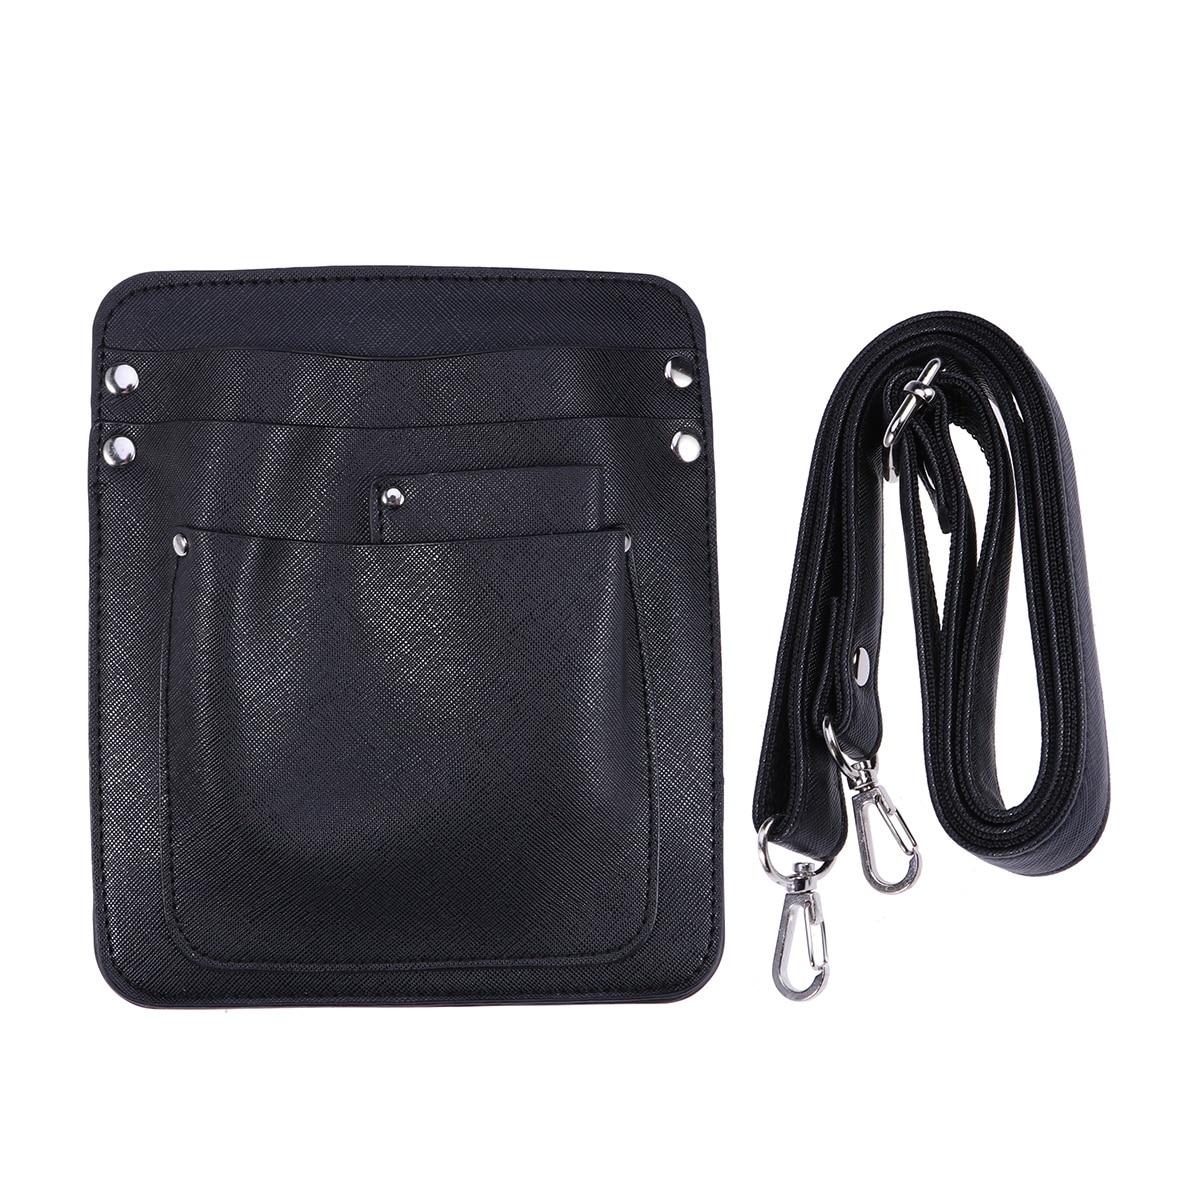 Multi Spalla Pelle Dell'imbracatura In tasca Tools Rivetto Piccolo Disposizione Di Borsa Fiori Sacchetto La Dei Per nero Del qtIqz